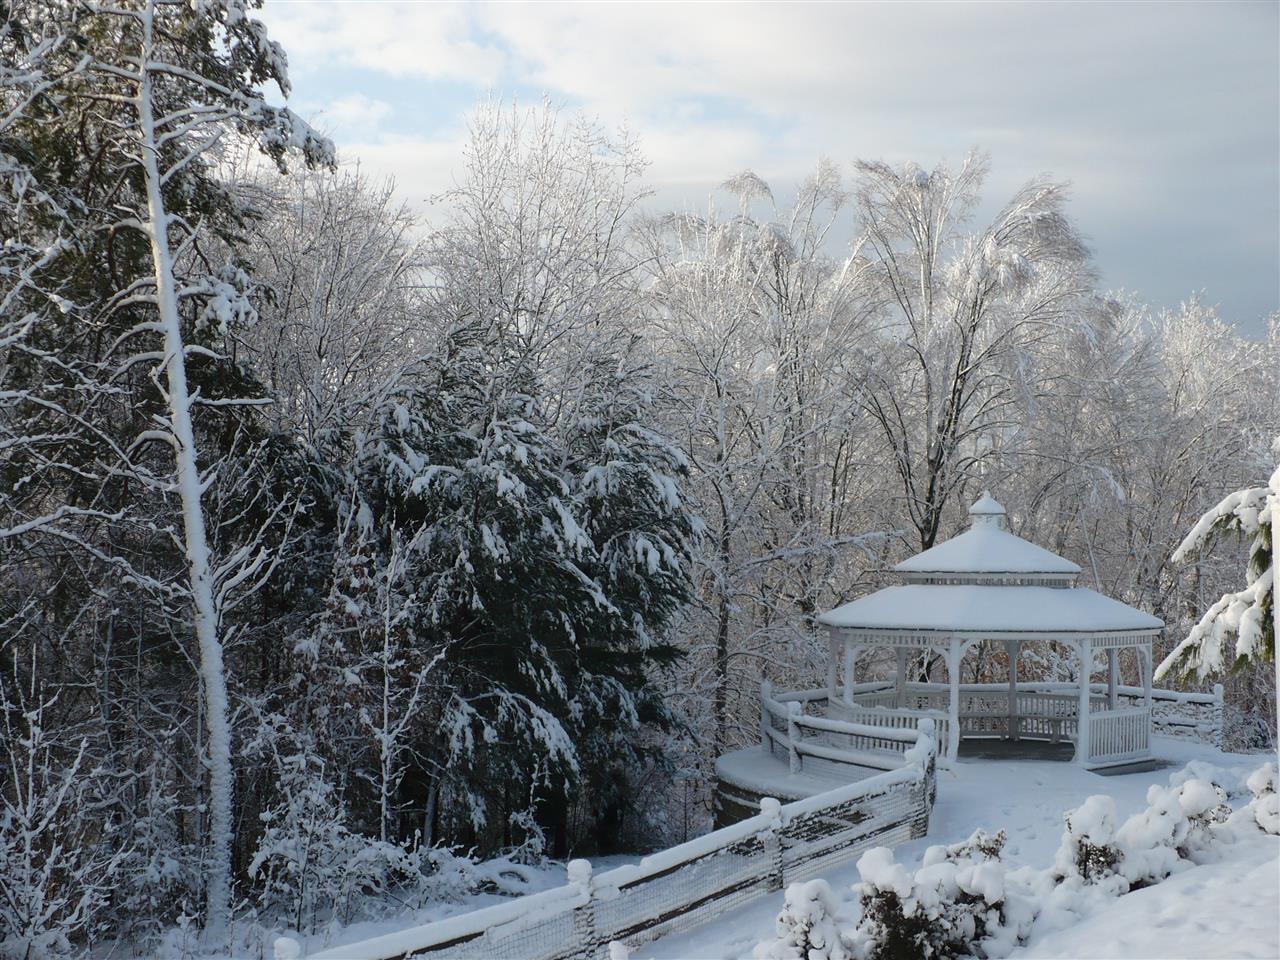 Winter Wonderland in Mooresville, NC